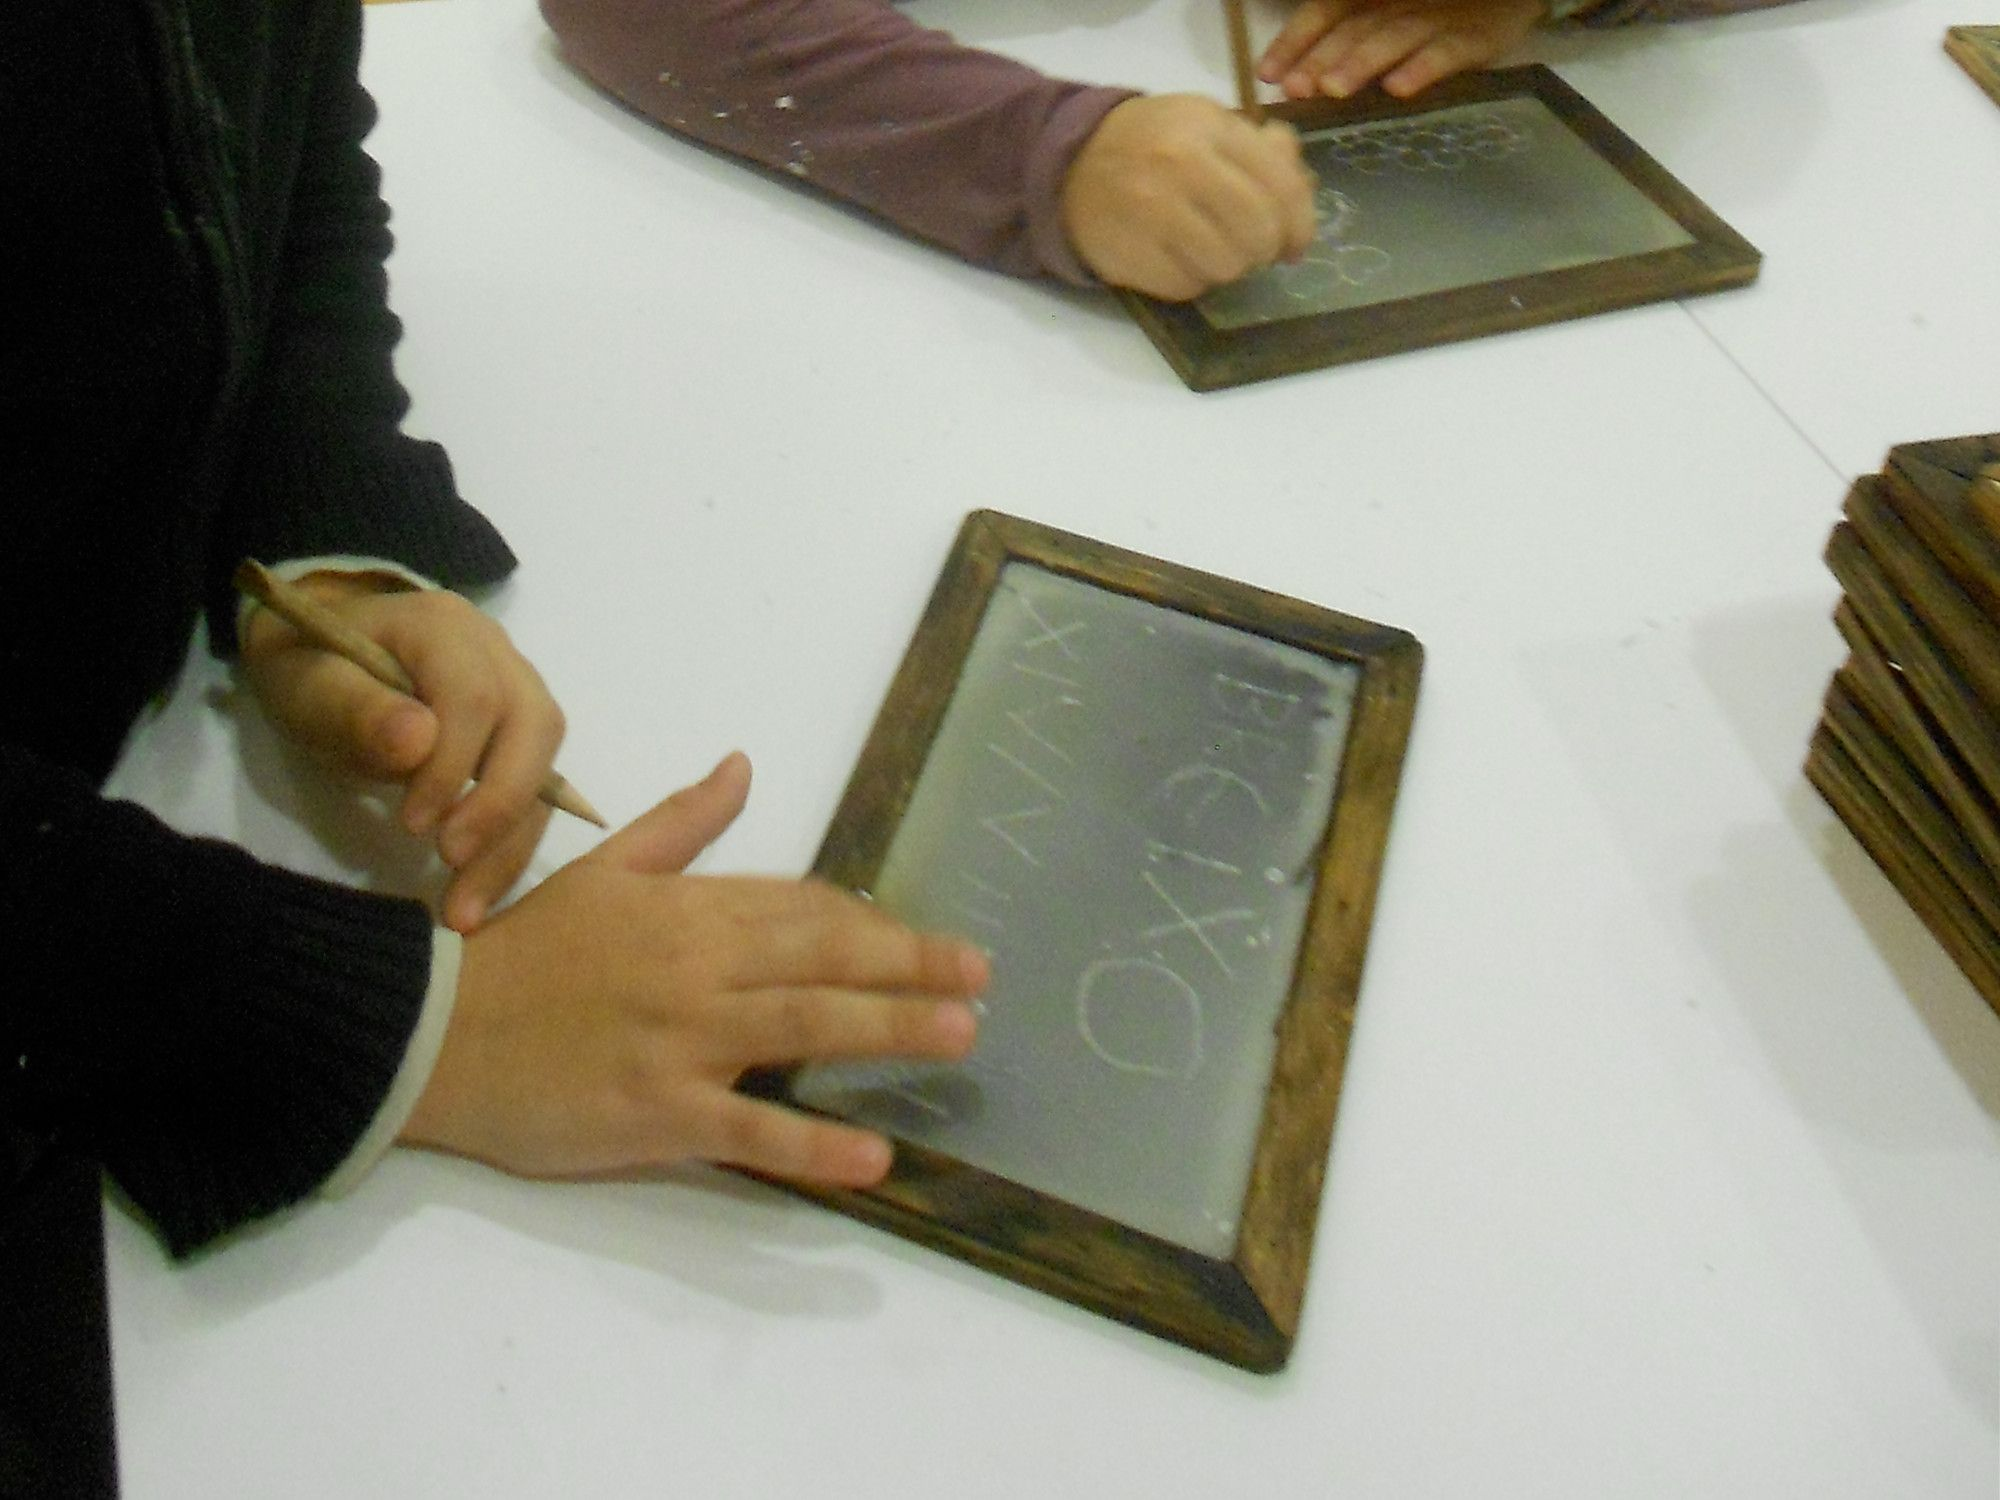 imagen_tabula_tablet_02